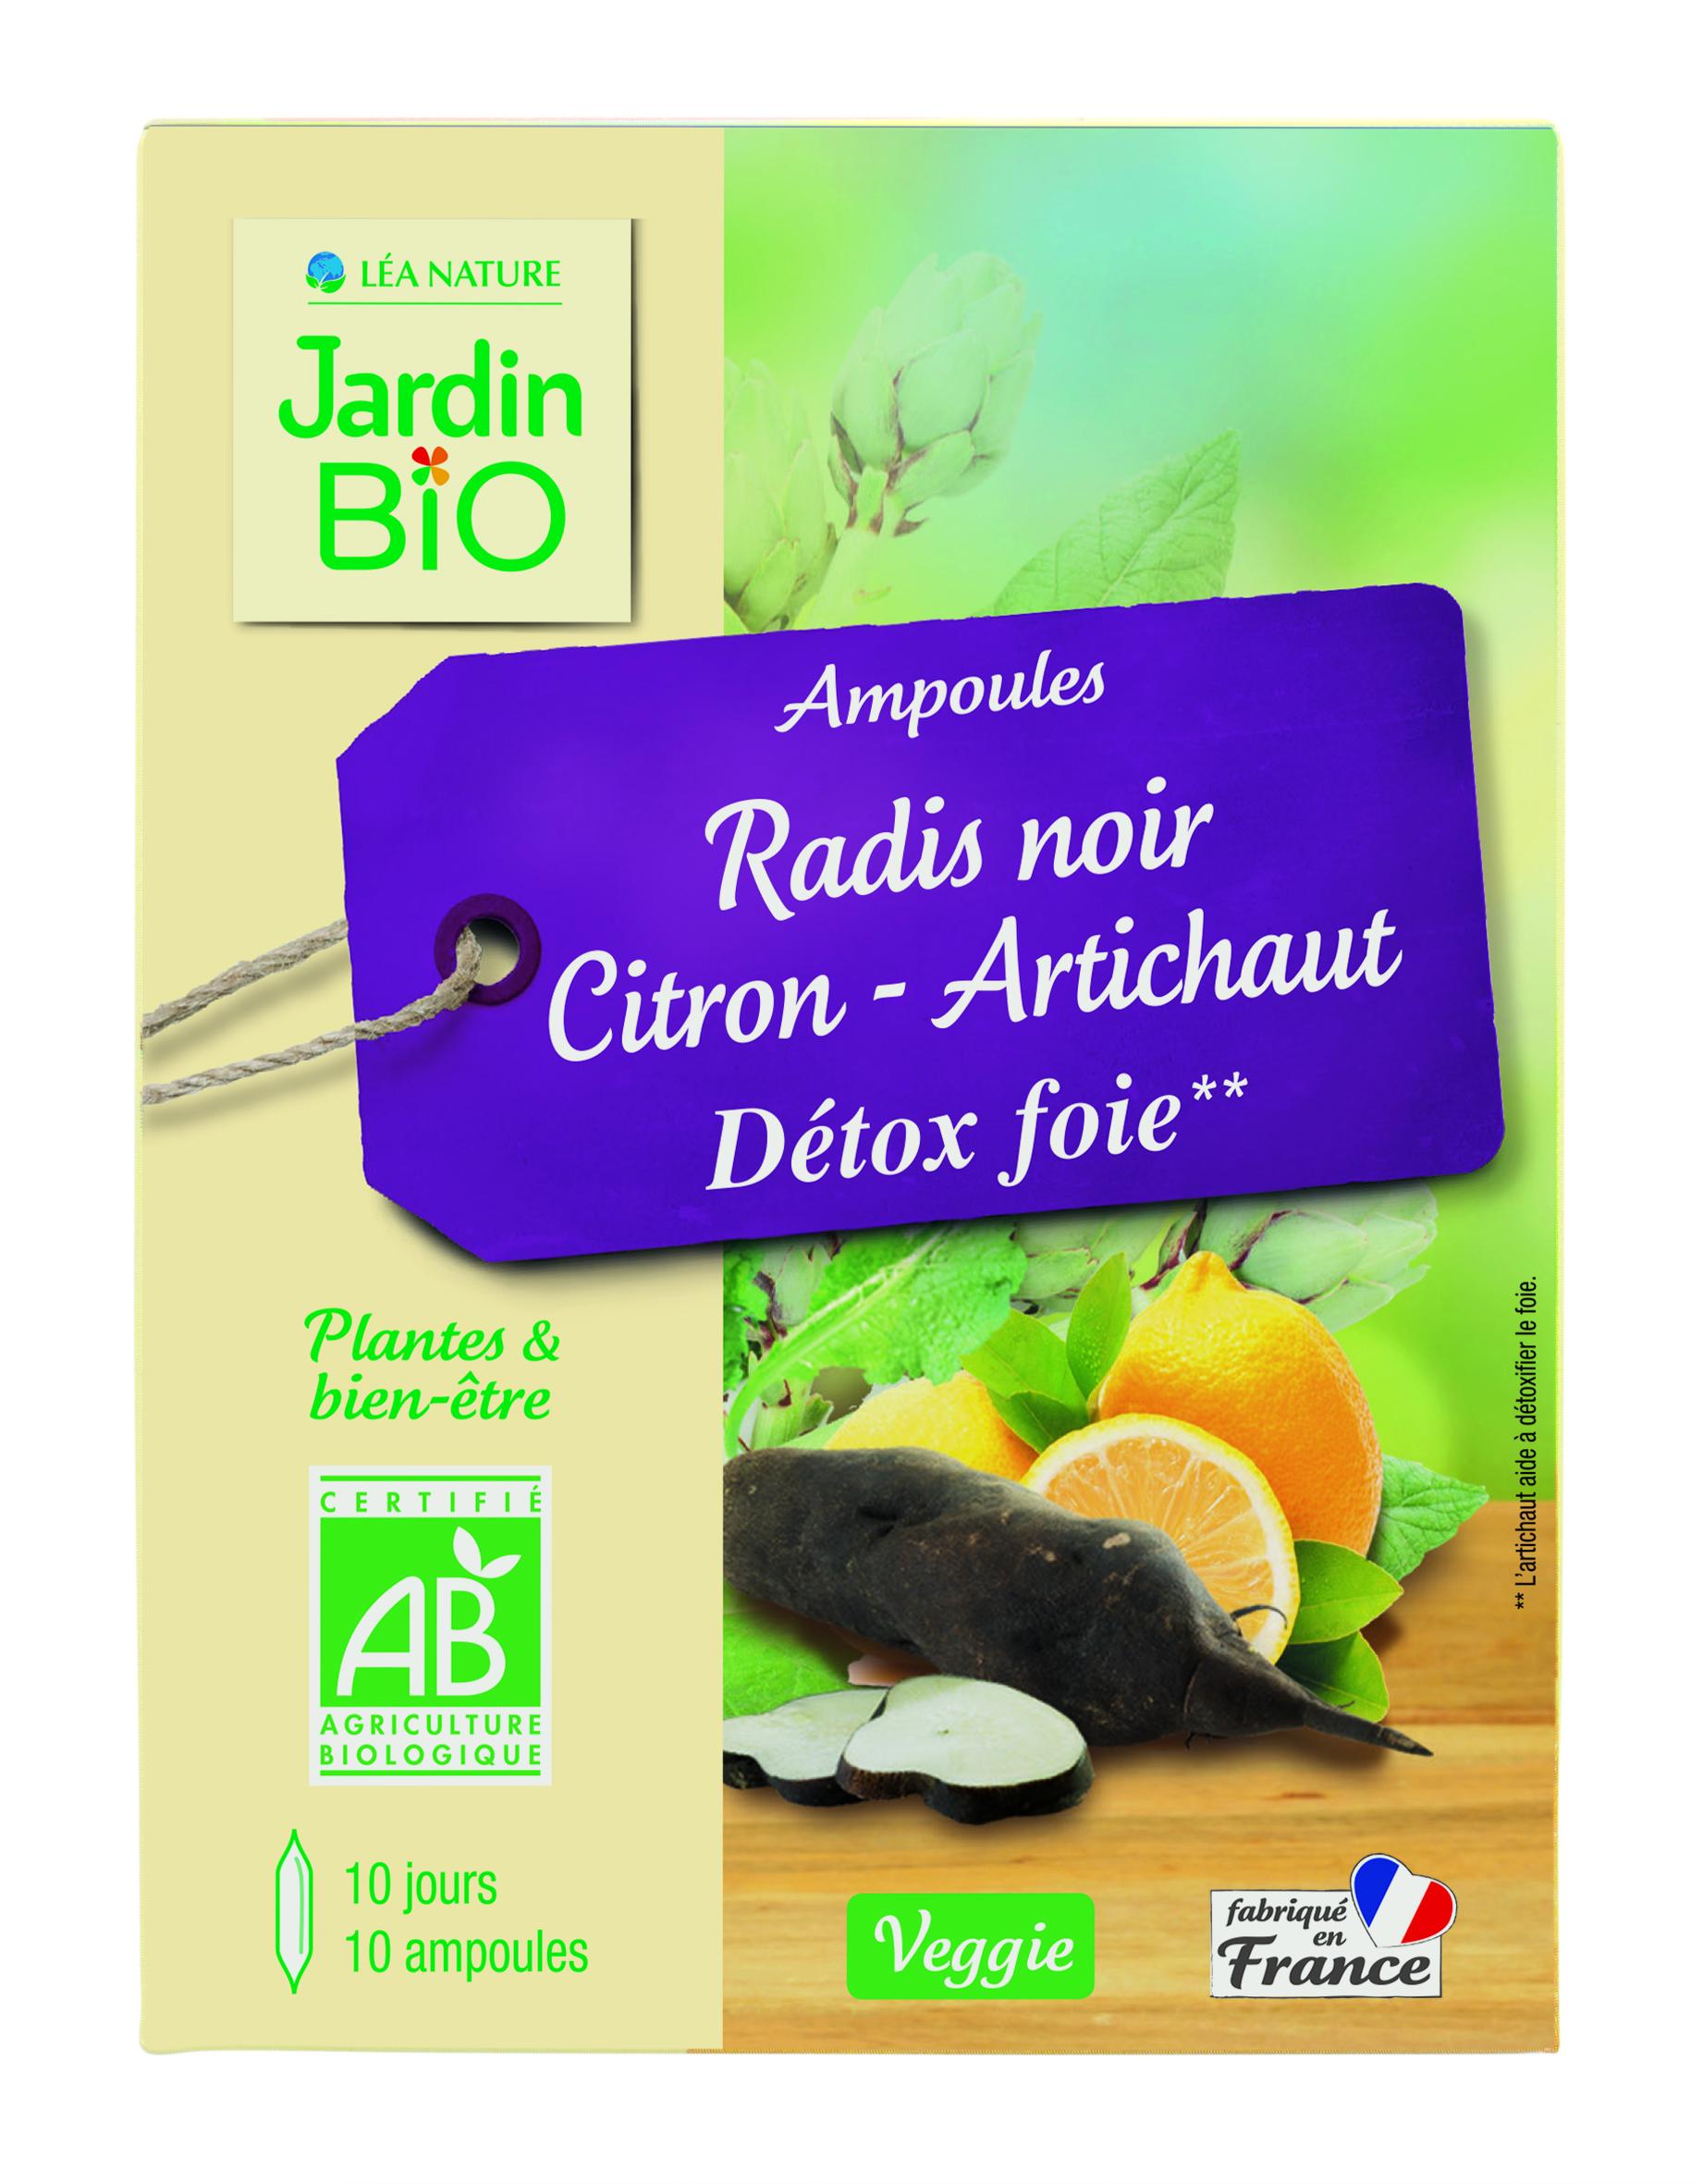 Ampoules Détox foie - Radis noir Citron Artichaut BIO (x 10)